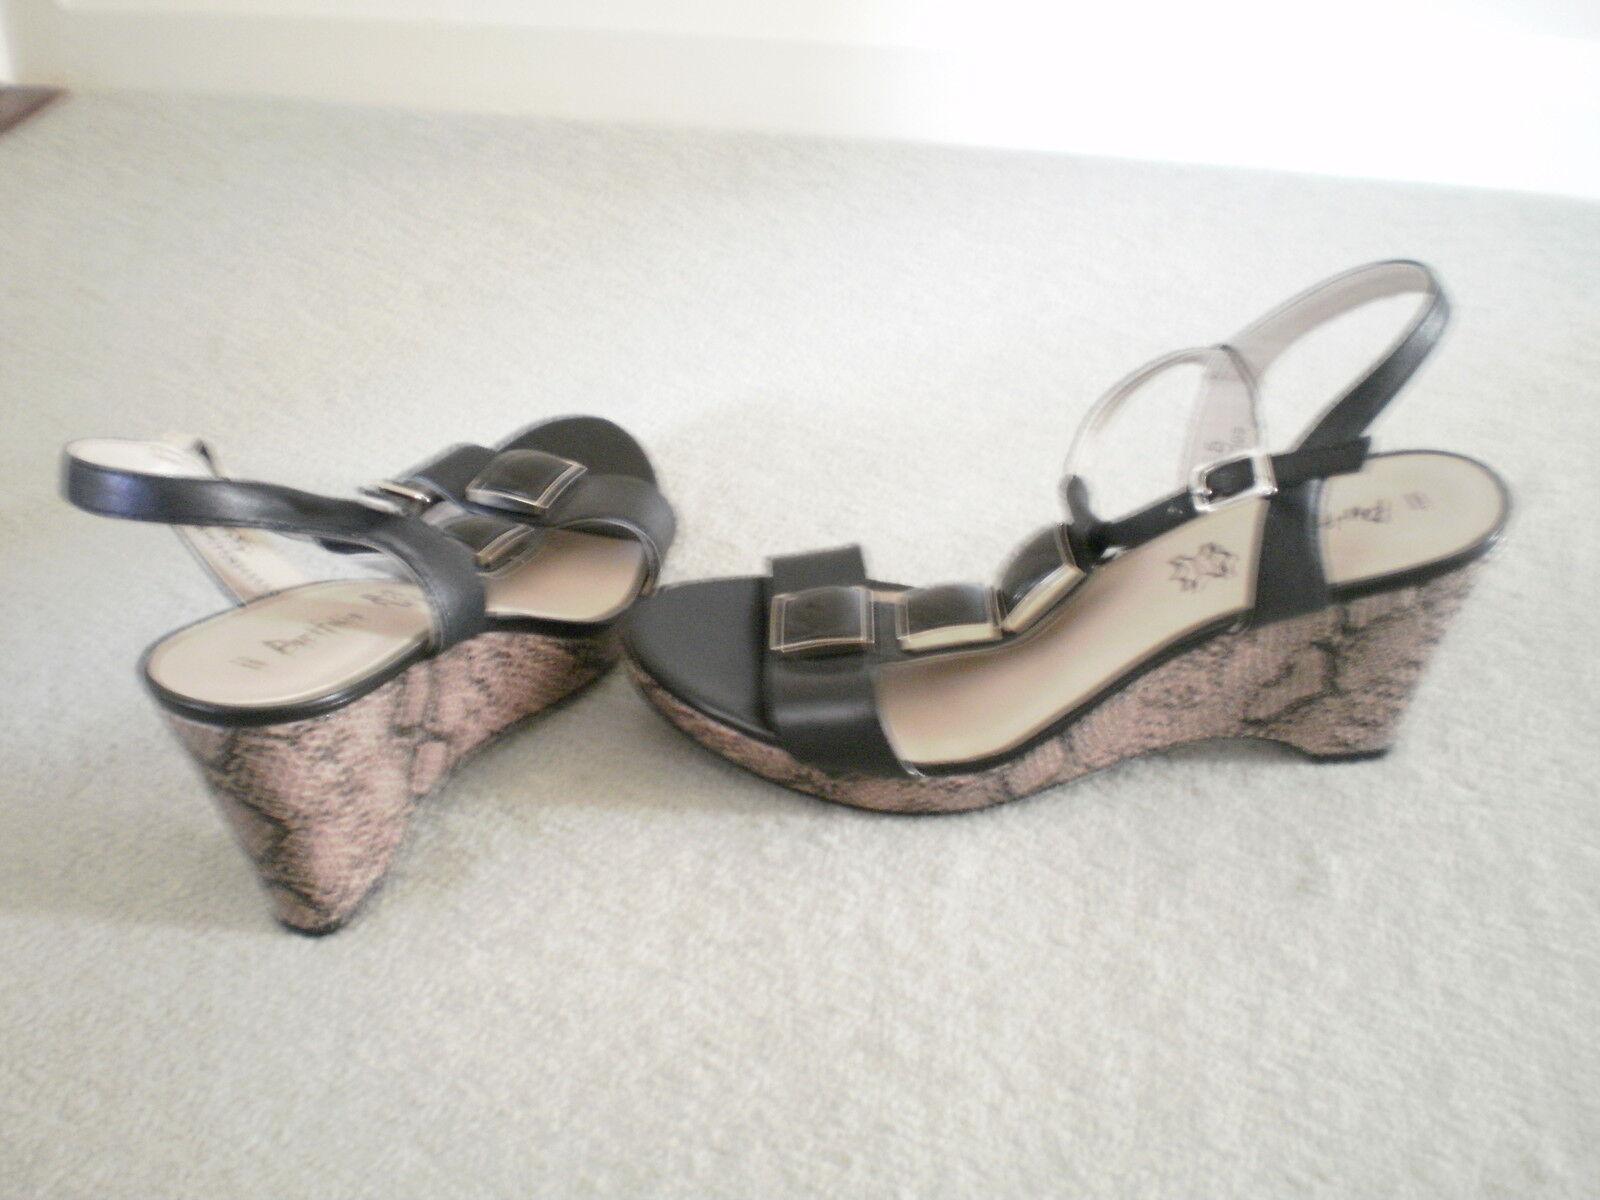 Ladies M&S Portfolio Black Wedge Sandals size 5.5